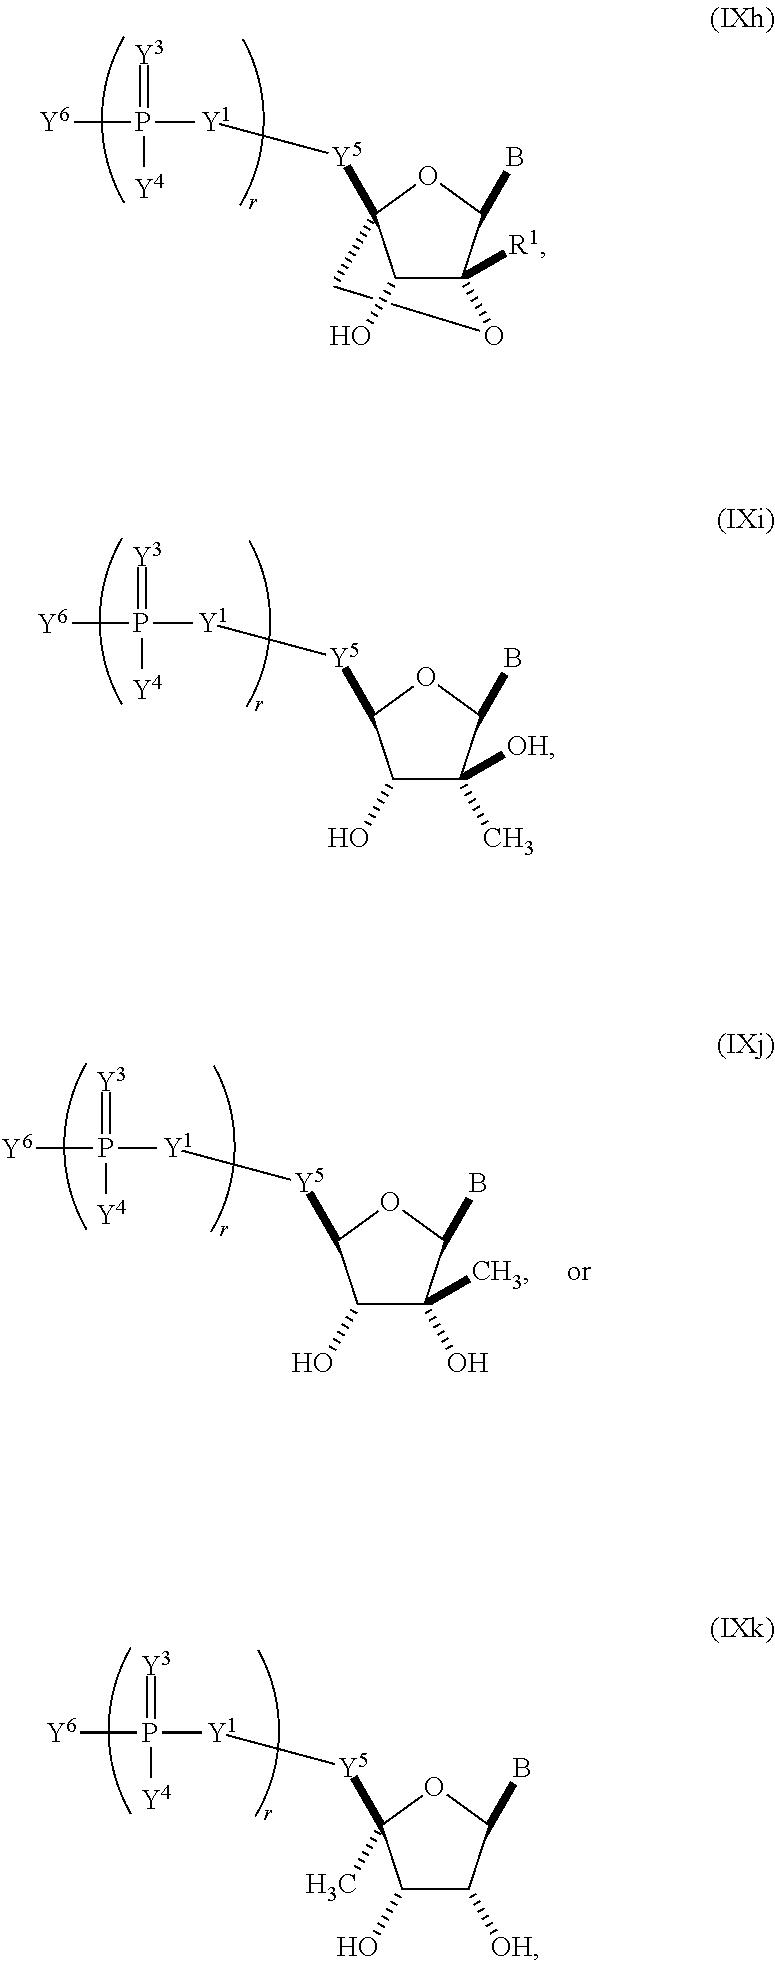 Figure US09186372-20151117-C00030